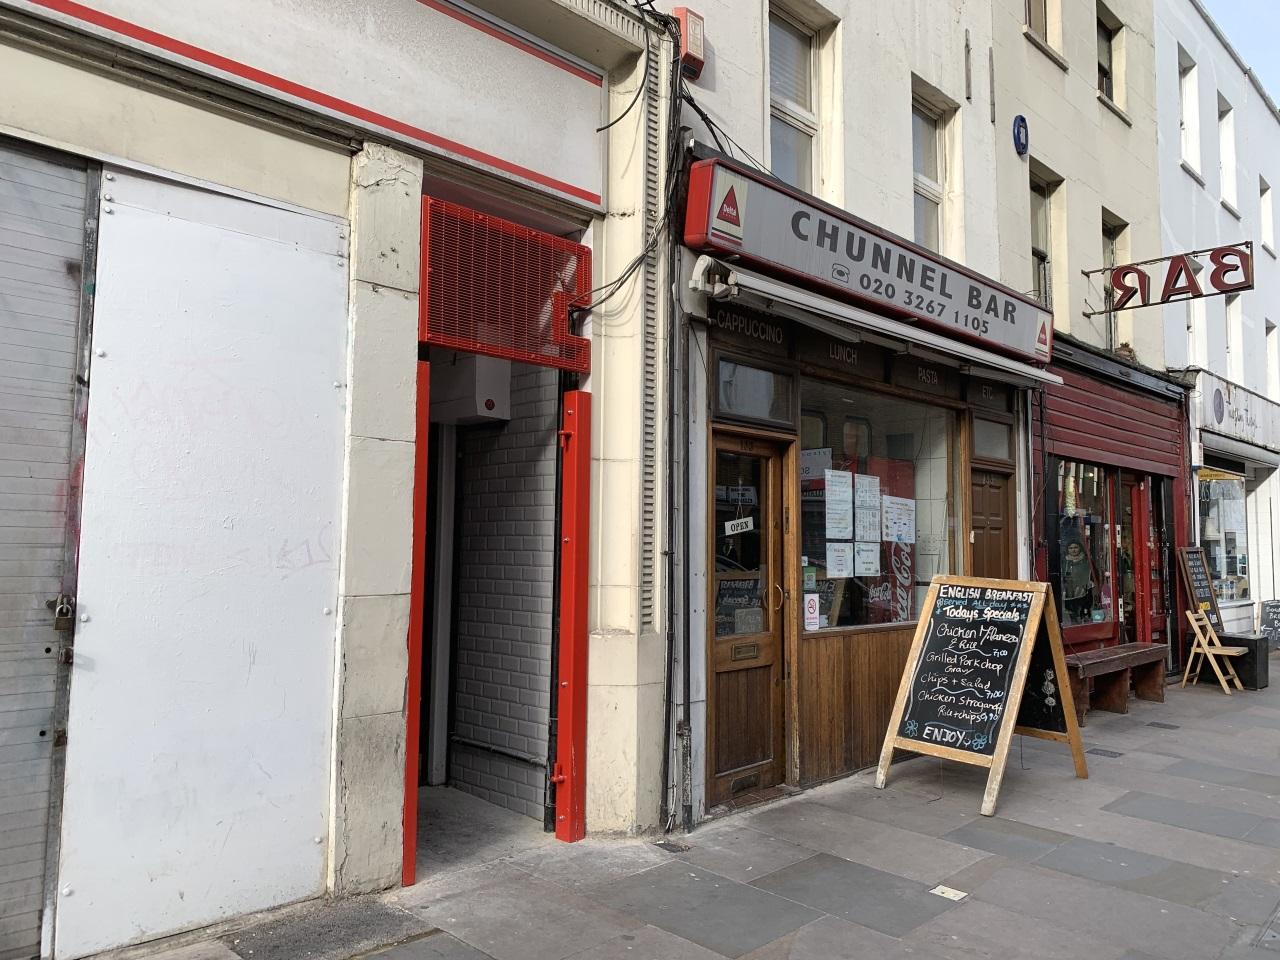 The Chunnel Bar